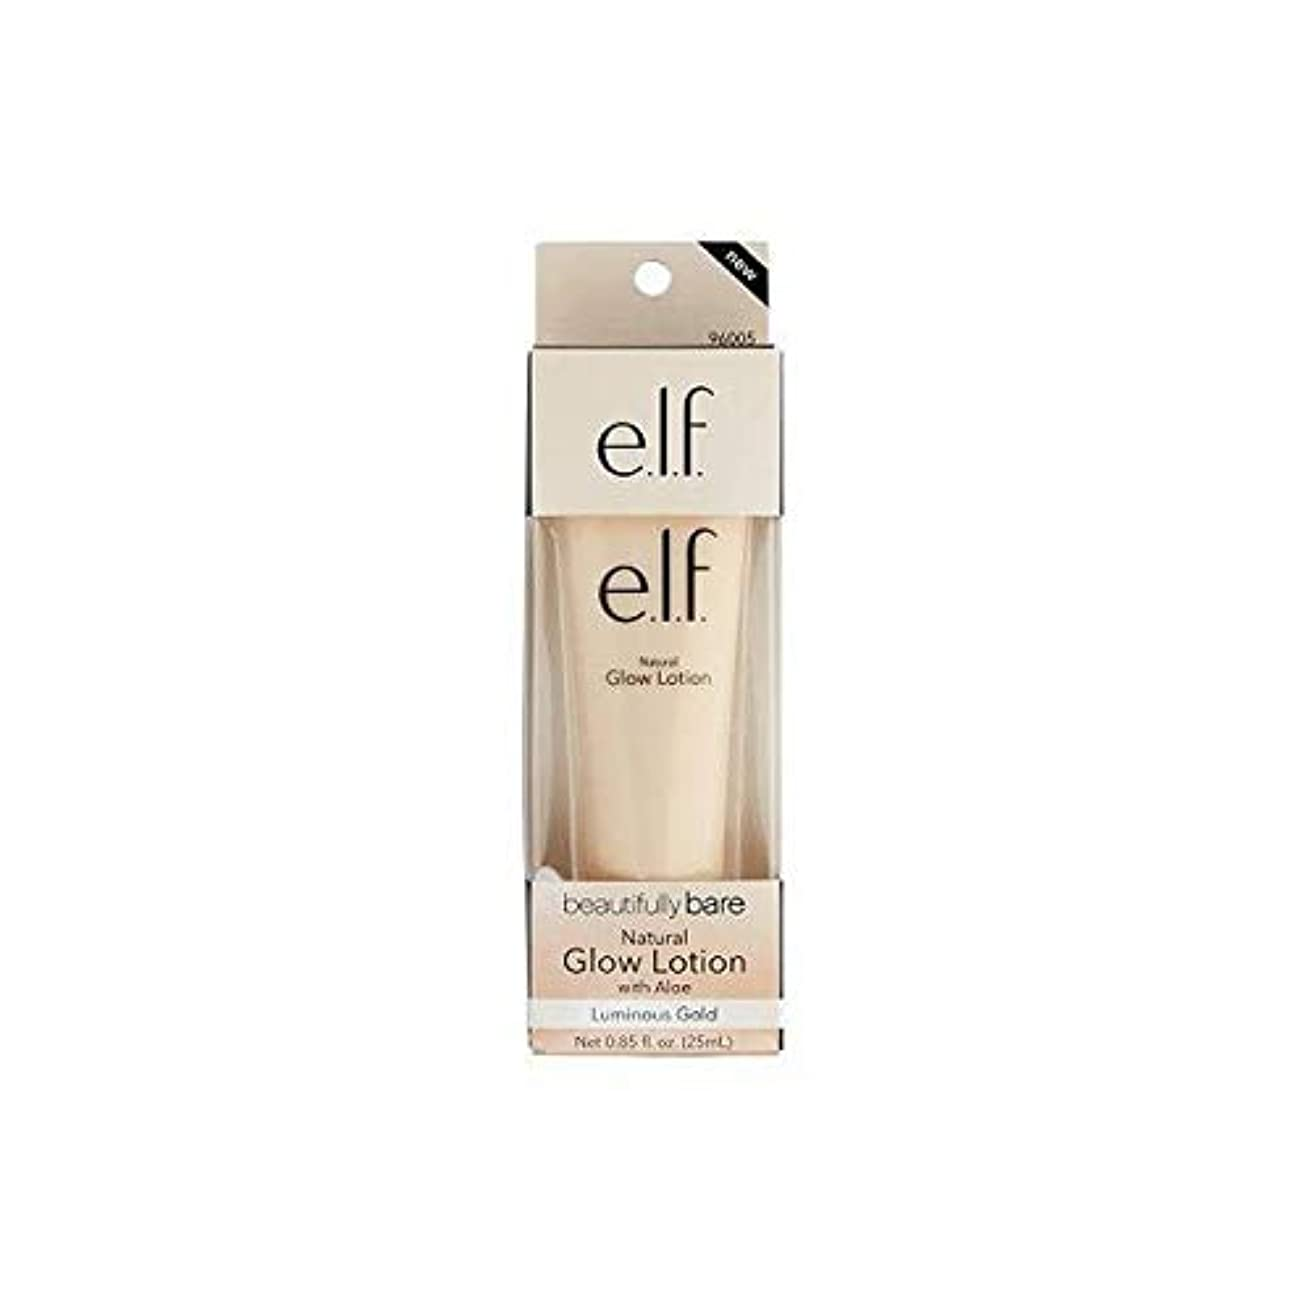 人気哺乳類パレード[Elf ] エルフ。美しく裸自然グローローション金 - e.l.f. Beautifully Bare Natural Glow Lotion gold [並行輸入品]